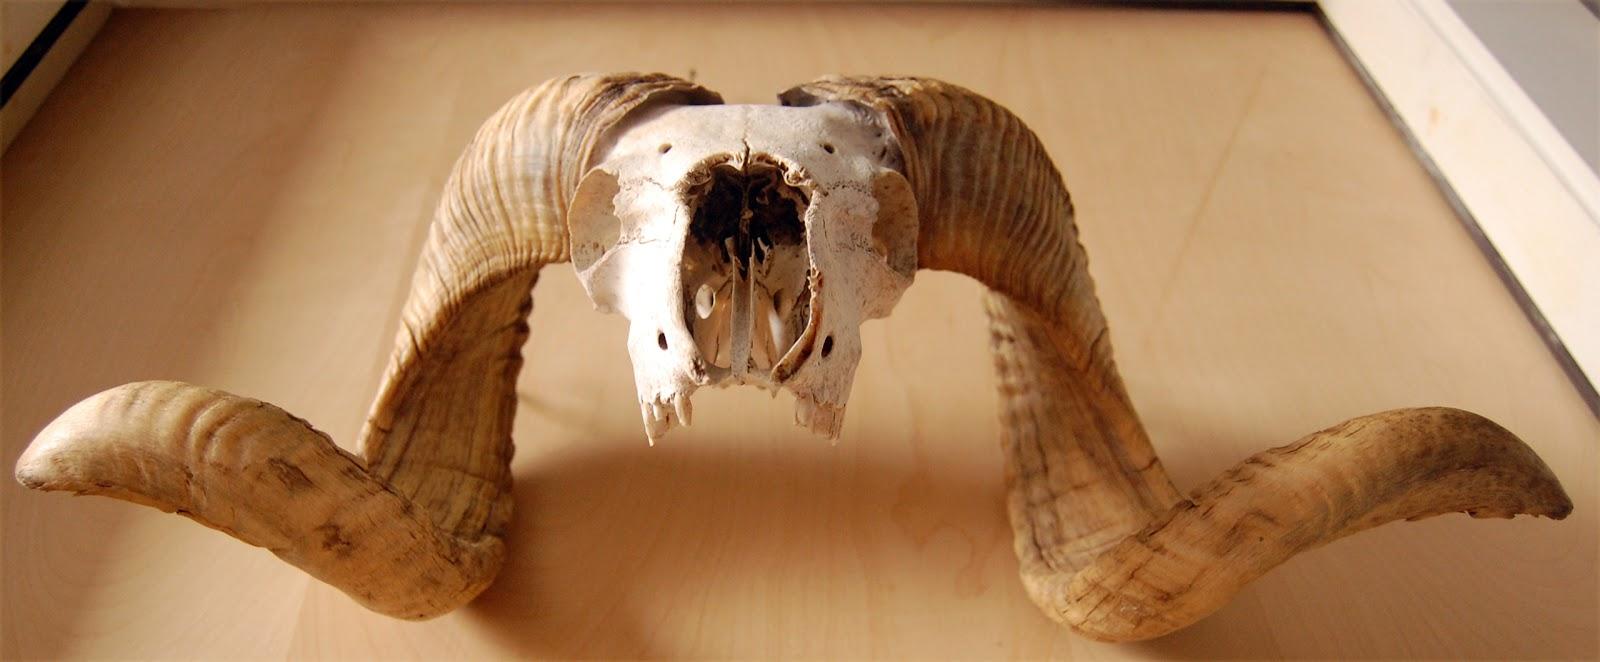 Mountain goat skull - photo#25